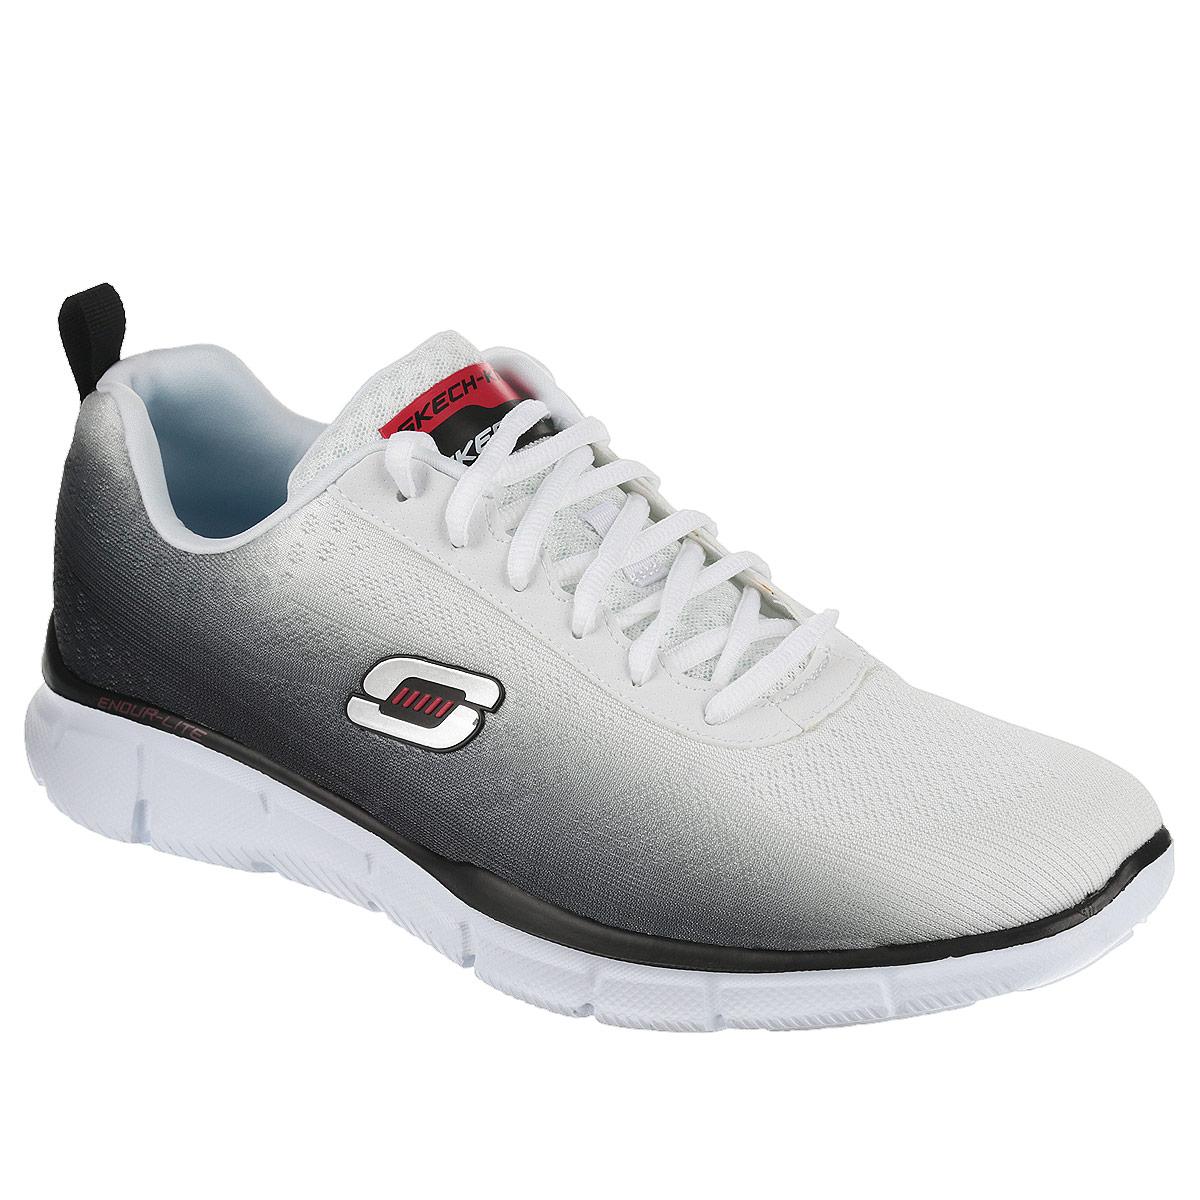 Купить кроссовки Skechers в Санкт-Петербурге